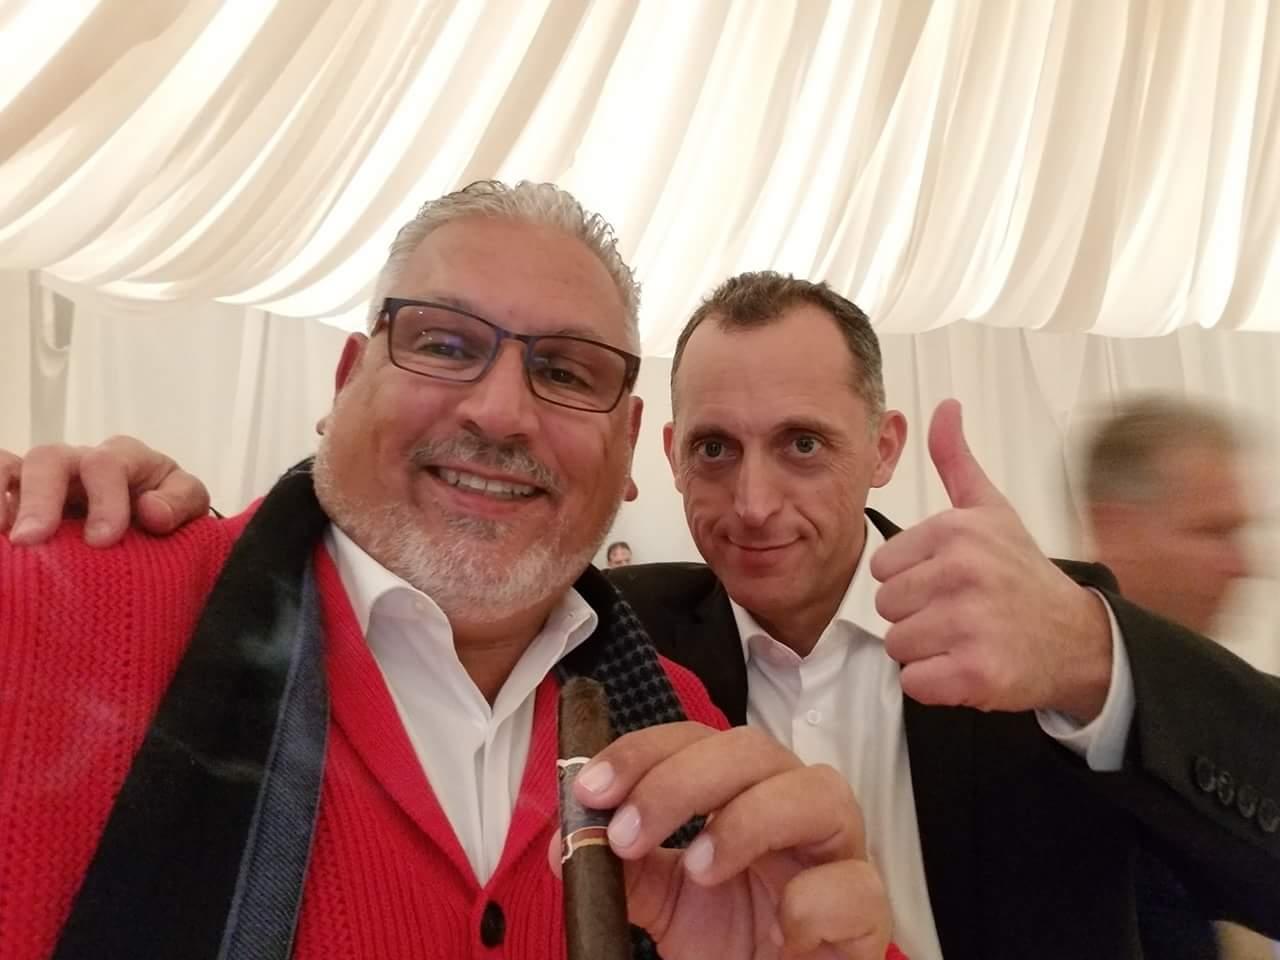 GEORGE SOSA в Москве! День первый! Гуру сигарного бизнеса! Незабываемая встреча с легендой мирового уровня! 1 октября 2018 года!